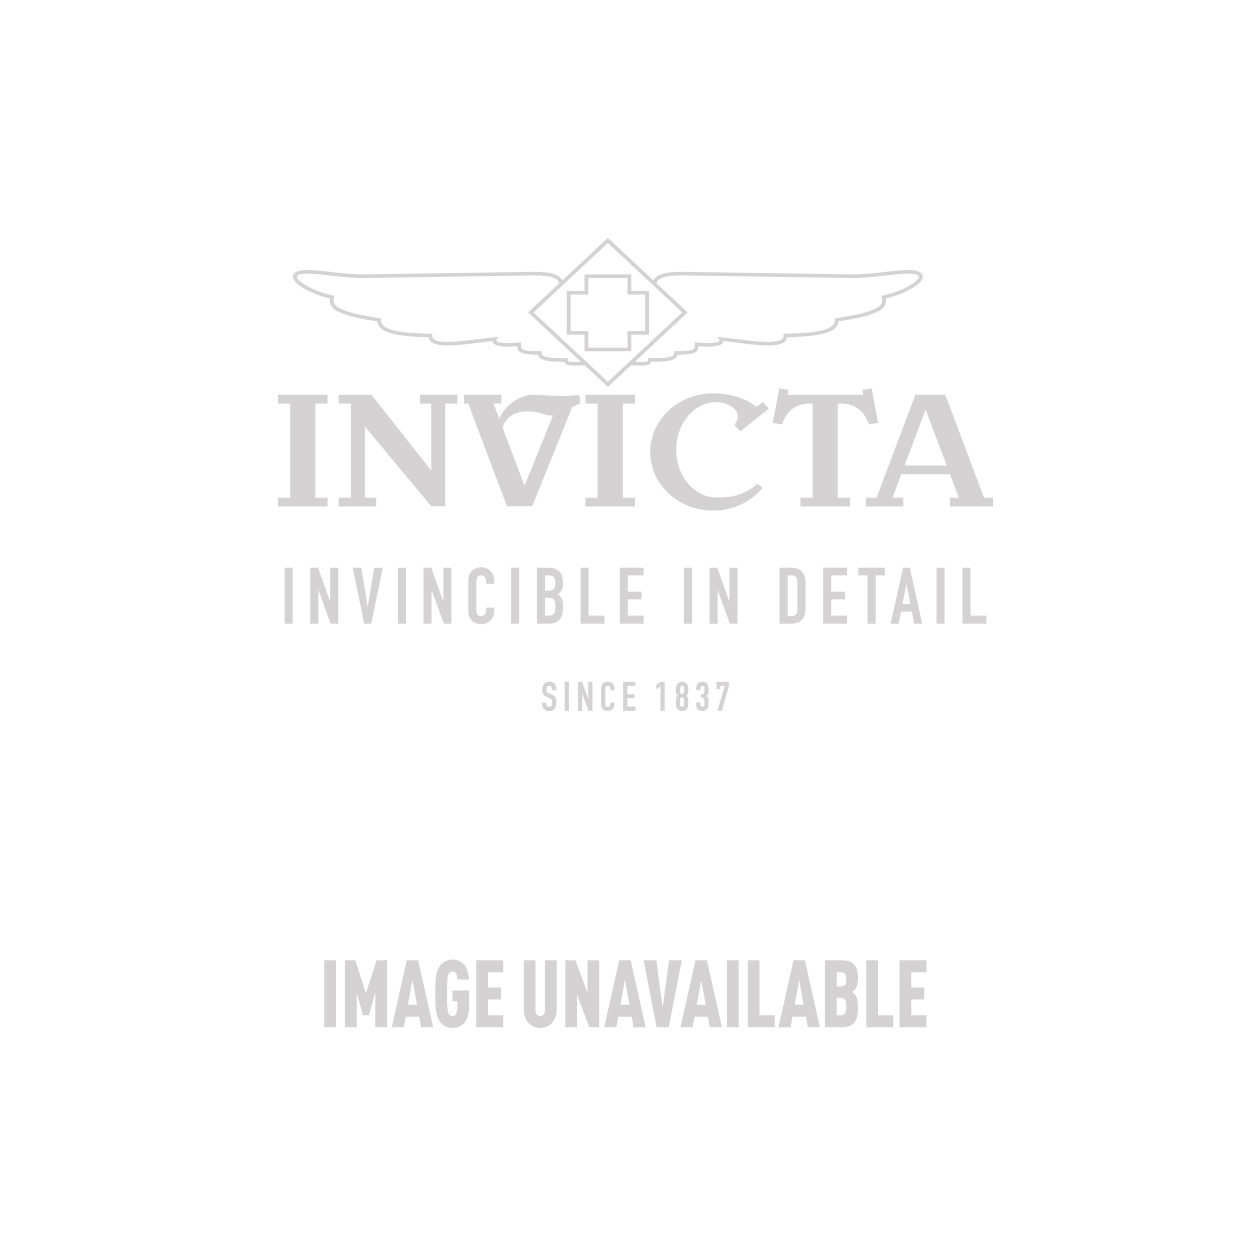 Invicta Model 28369